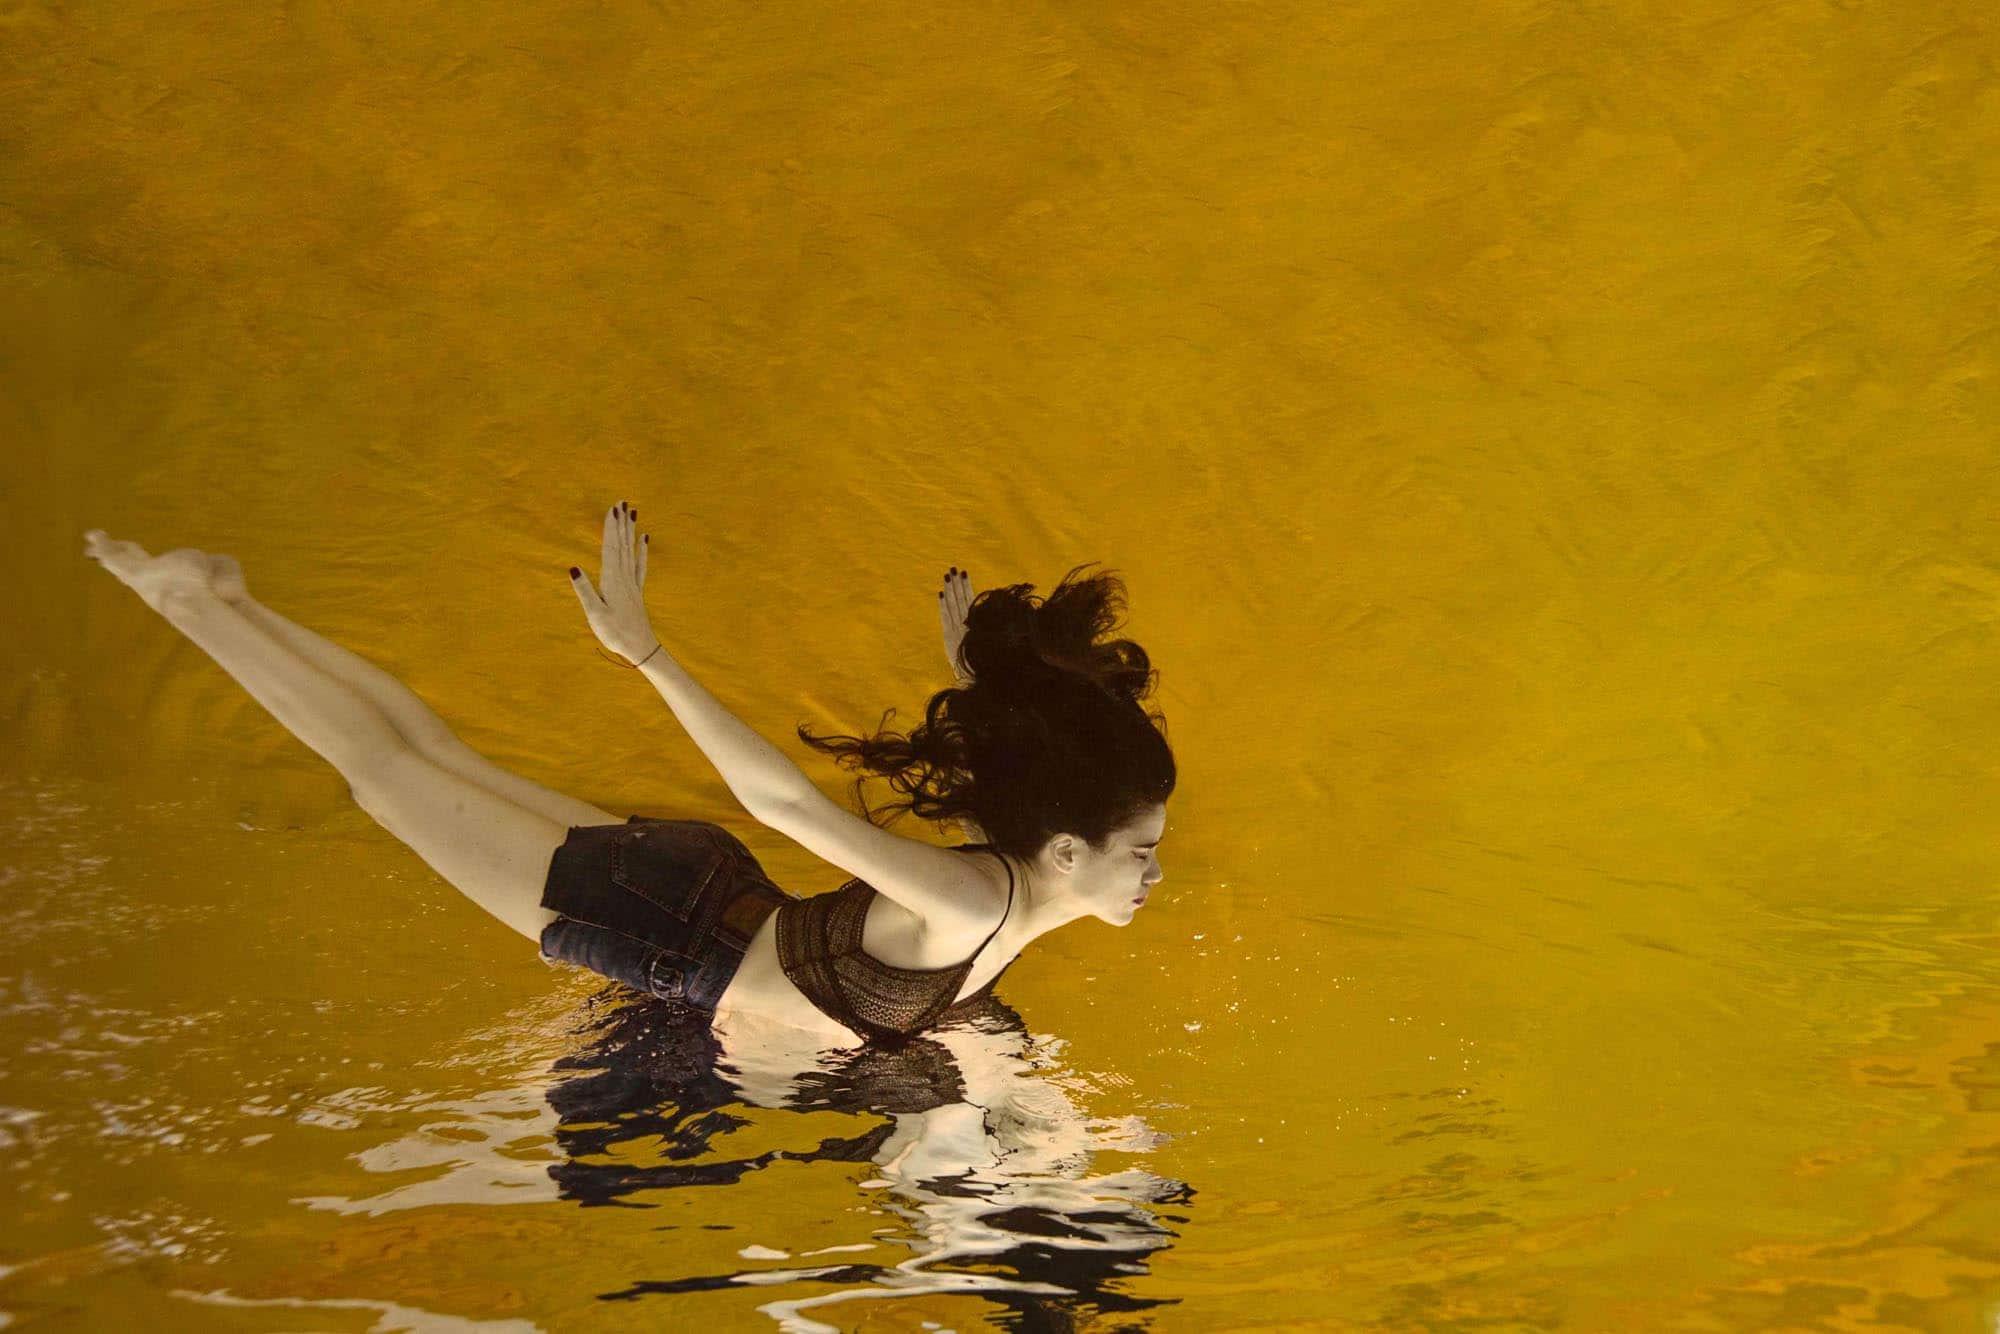 seance photo sous l'eau alison bounce